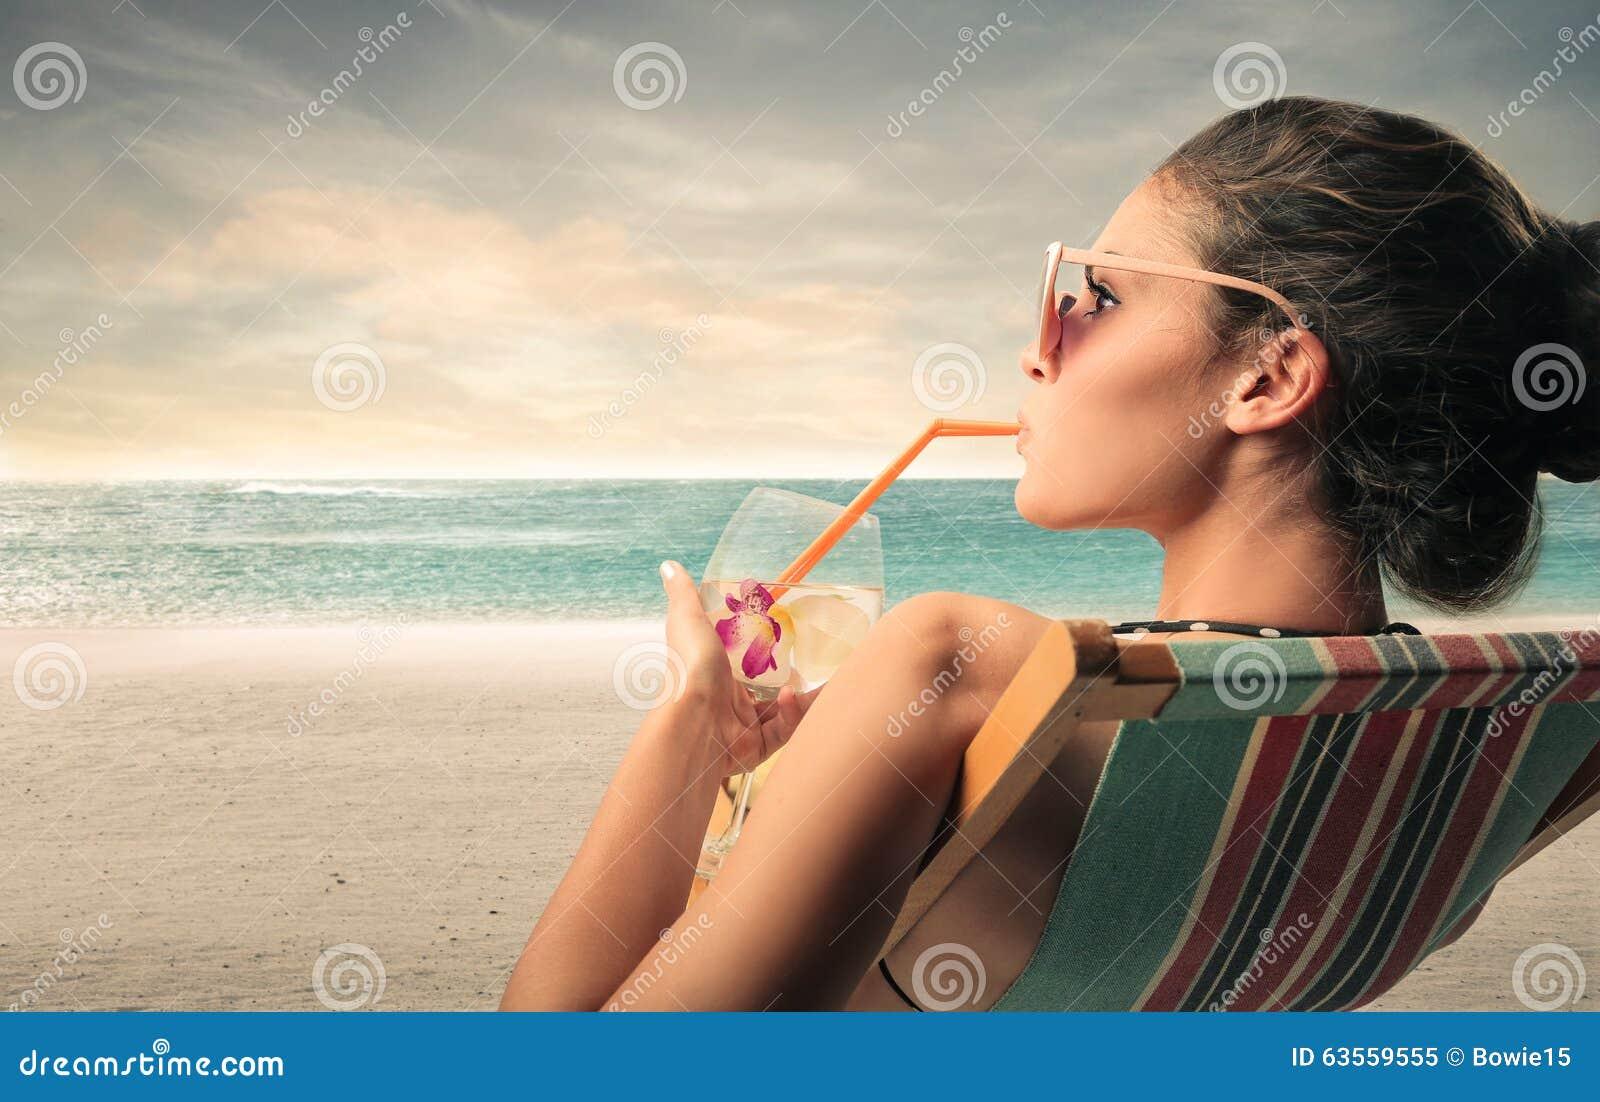 Alkoholfreies Getränk am Strand